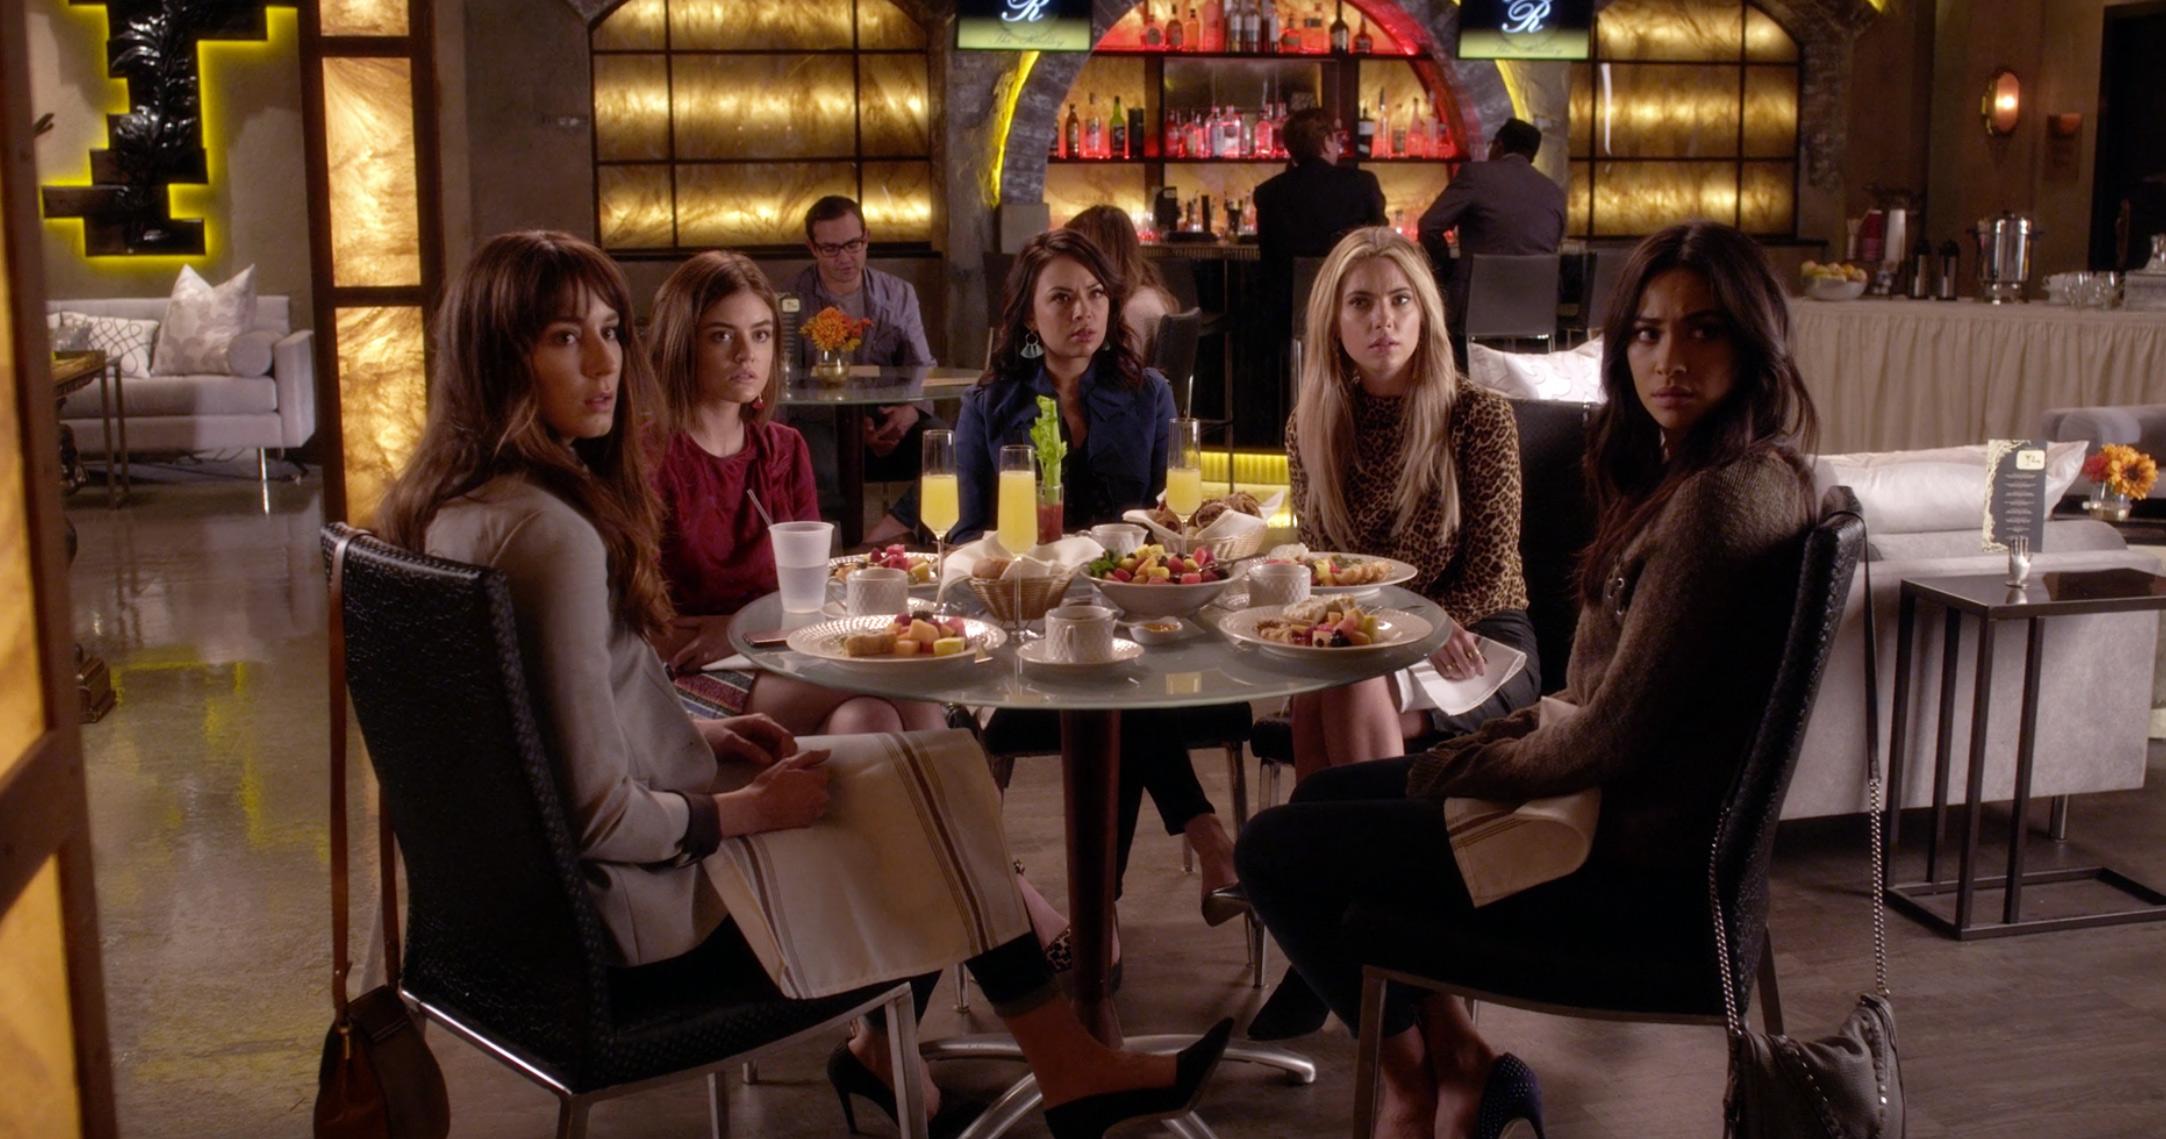 pretty little liars season 5 watch free